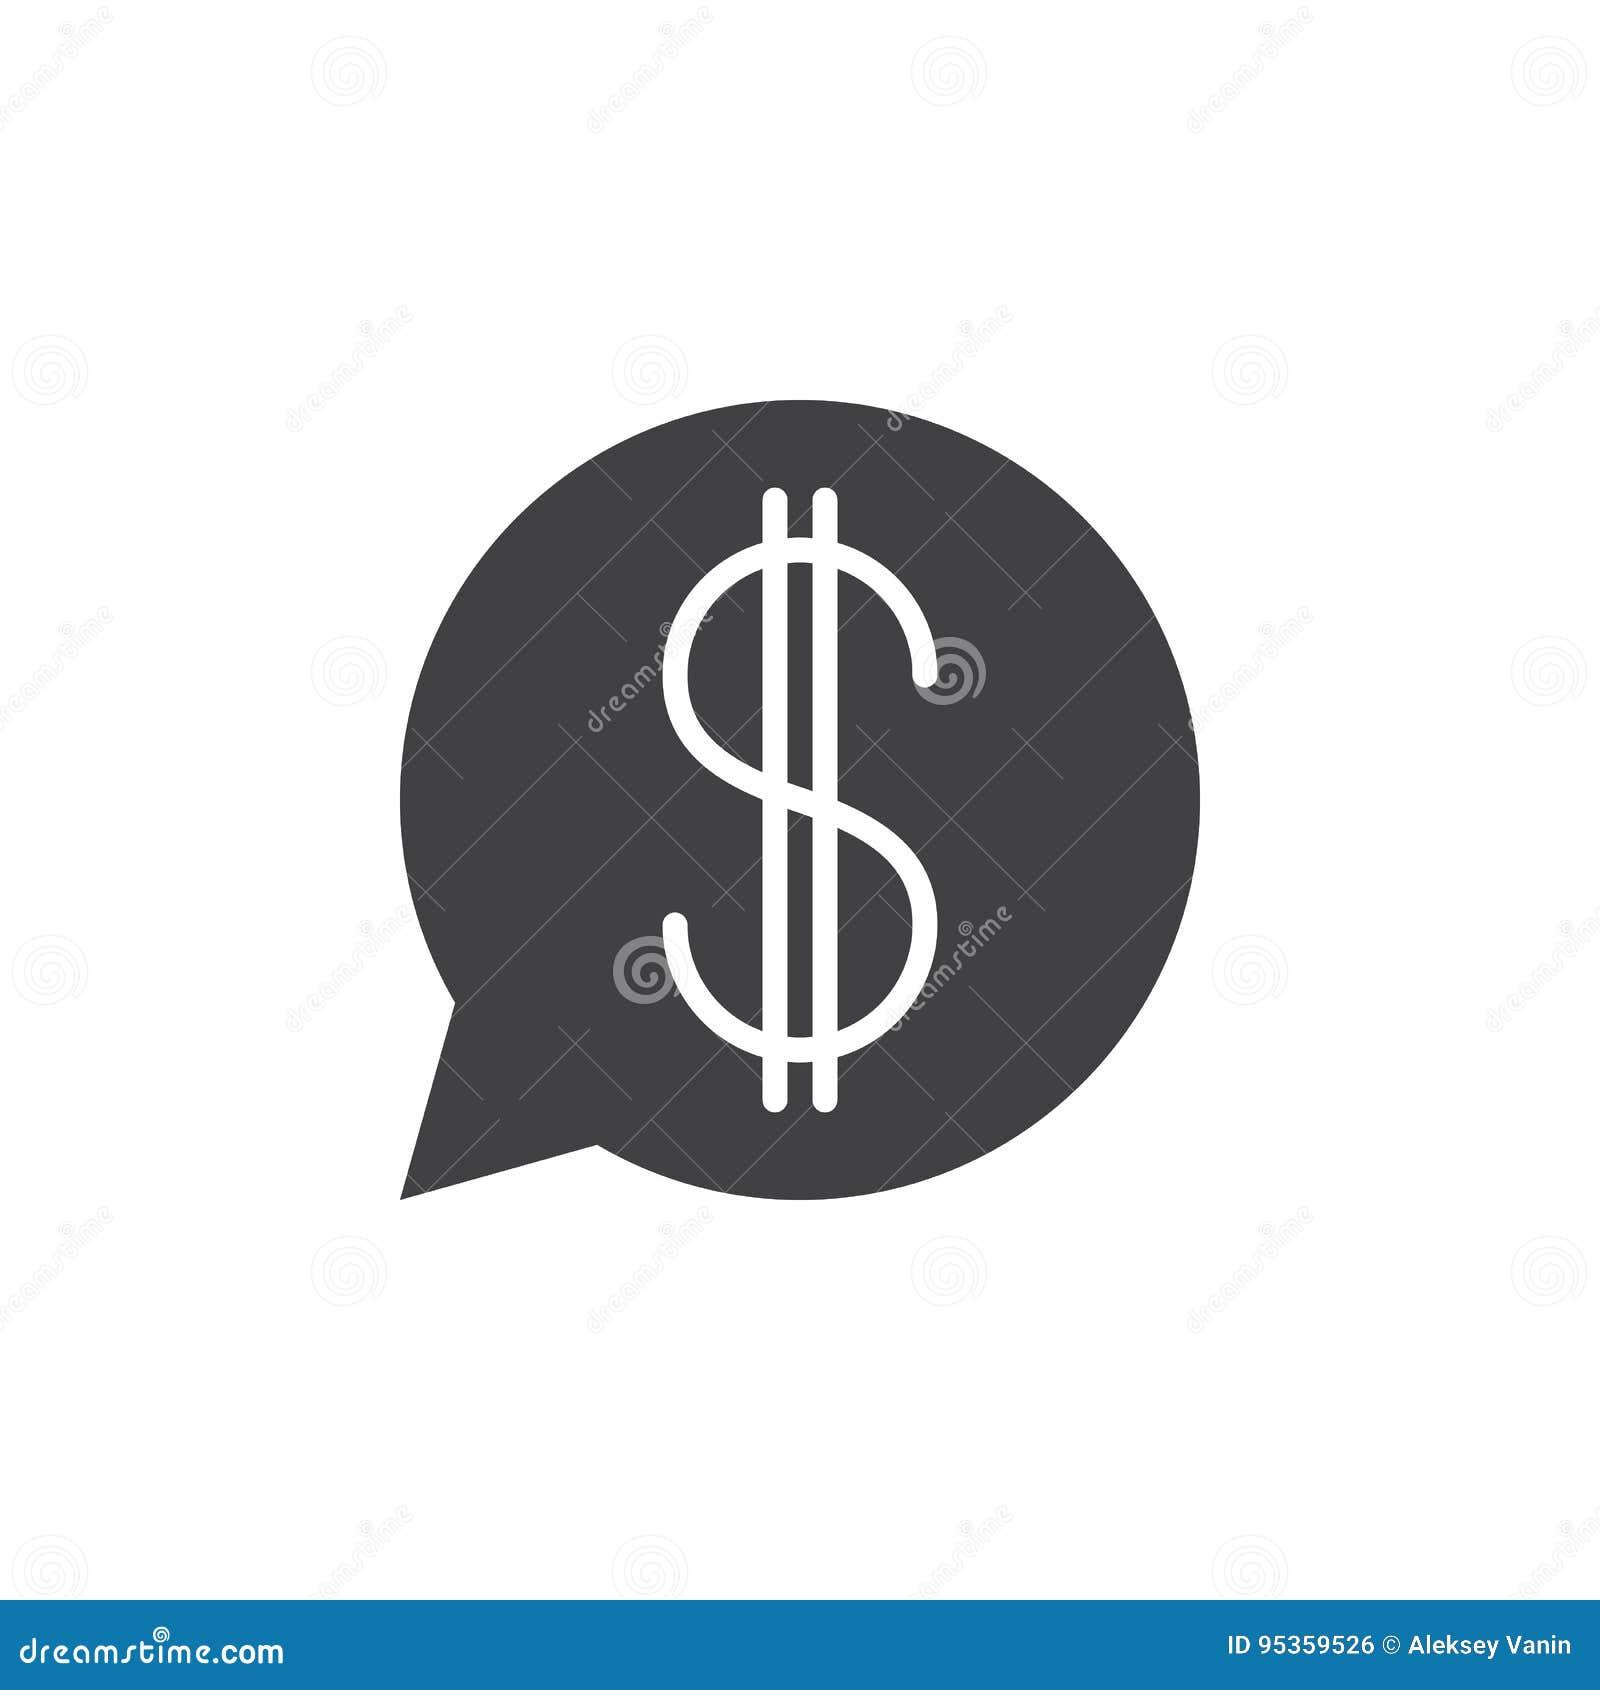 Toespraakbel met het pictogram vector, gevuld vlak symbool van het dollarteken,